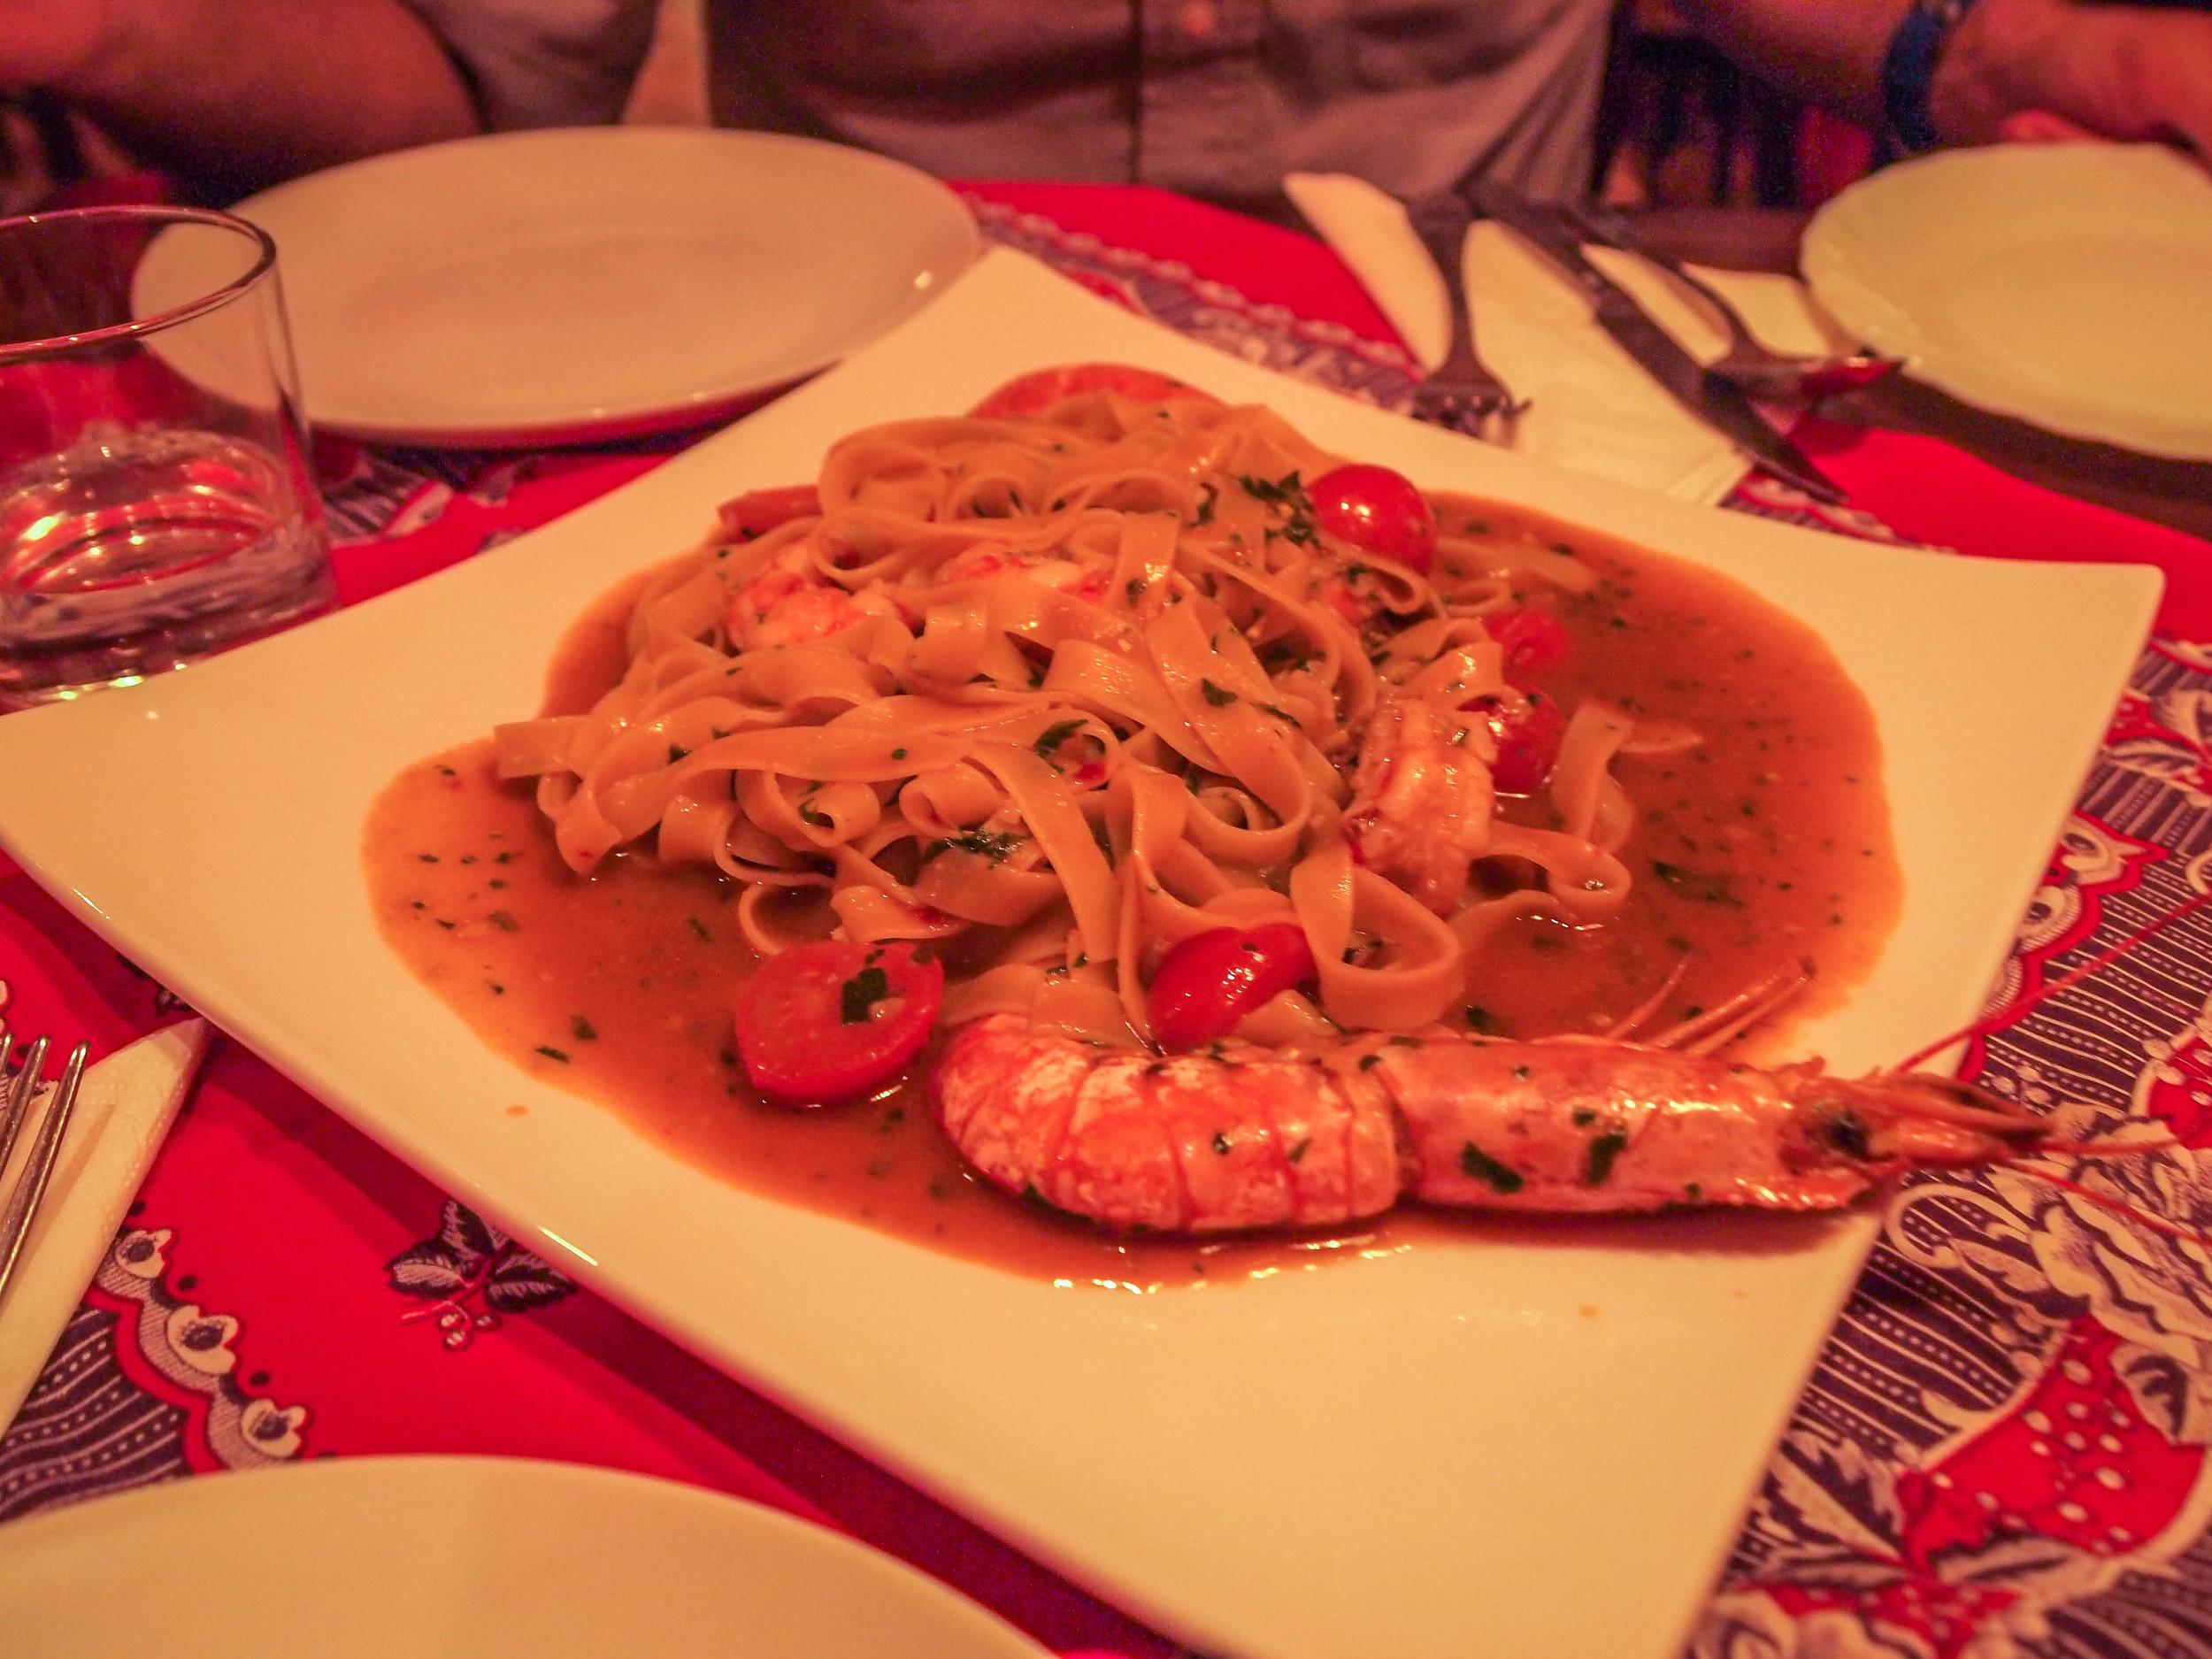 Pasta con gambero rosso in the La Brace restaurant